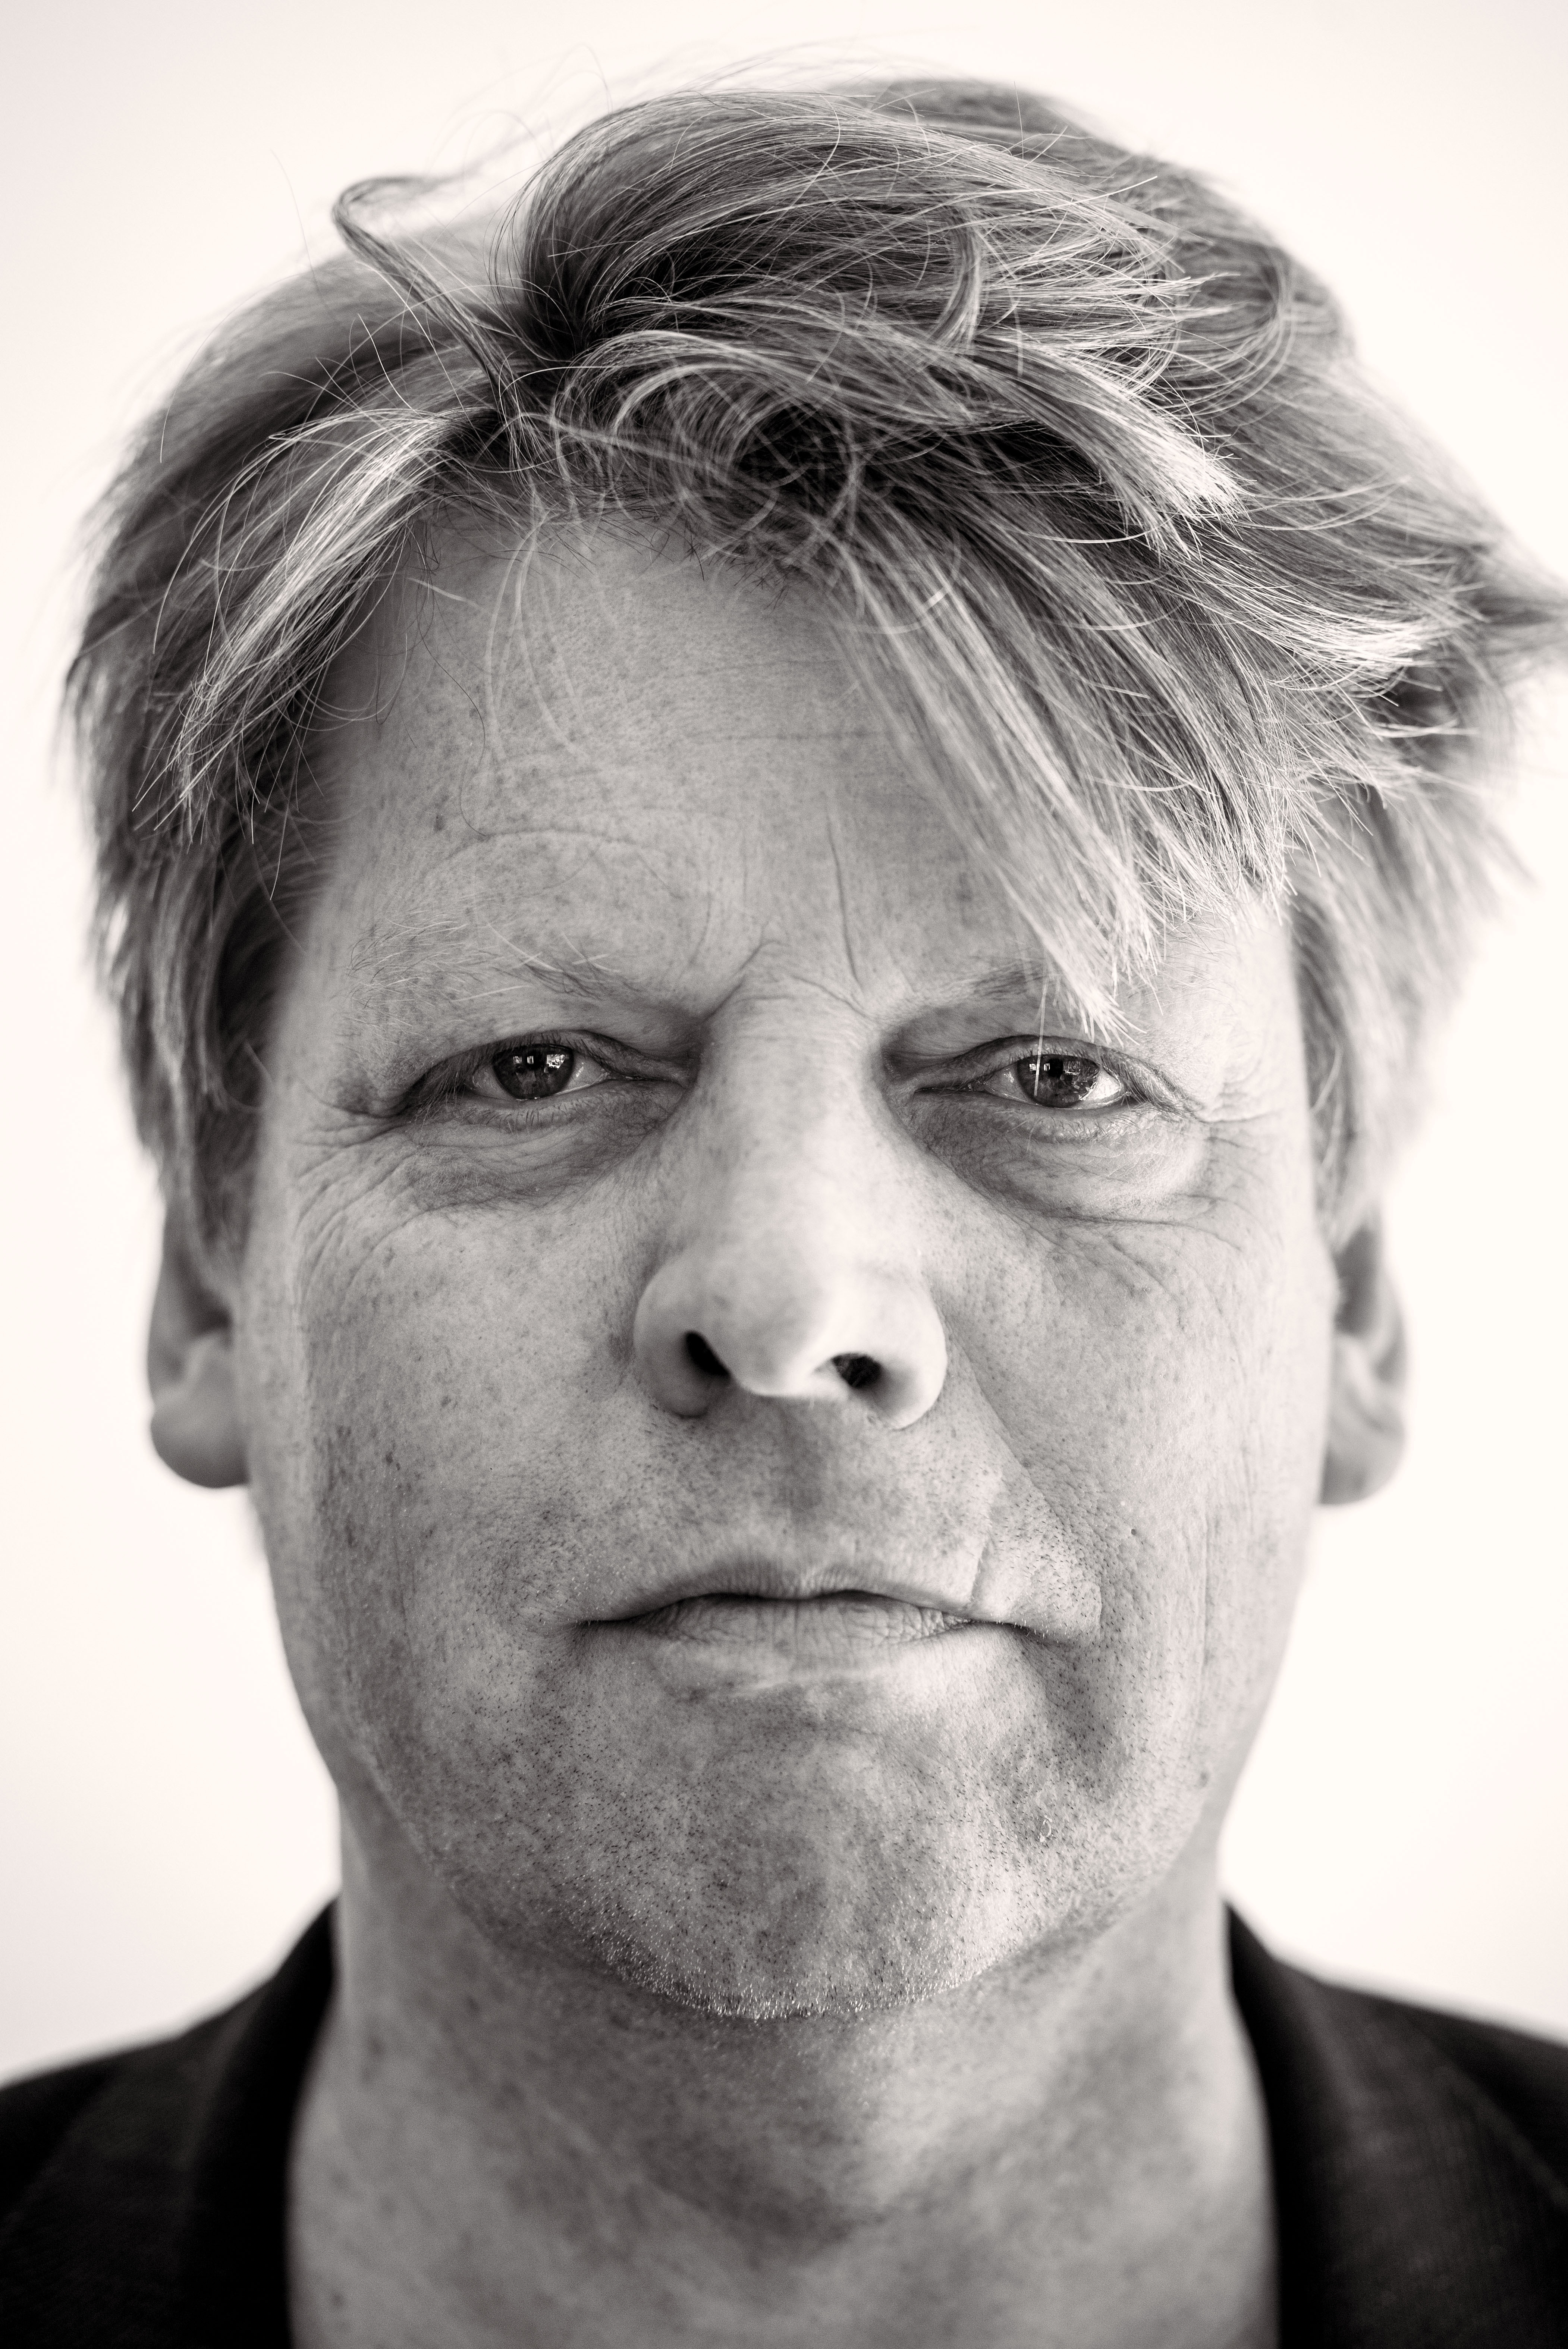 Boeken-9-Marc_Reugebrink_c-Michiel-Hendryckx